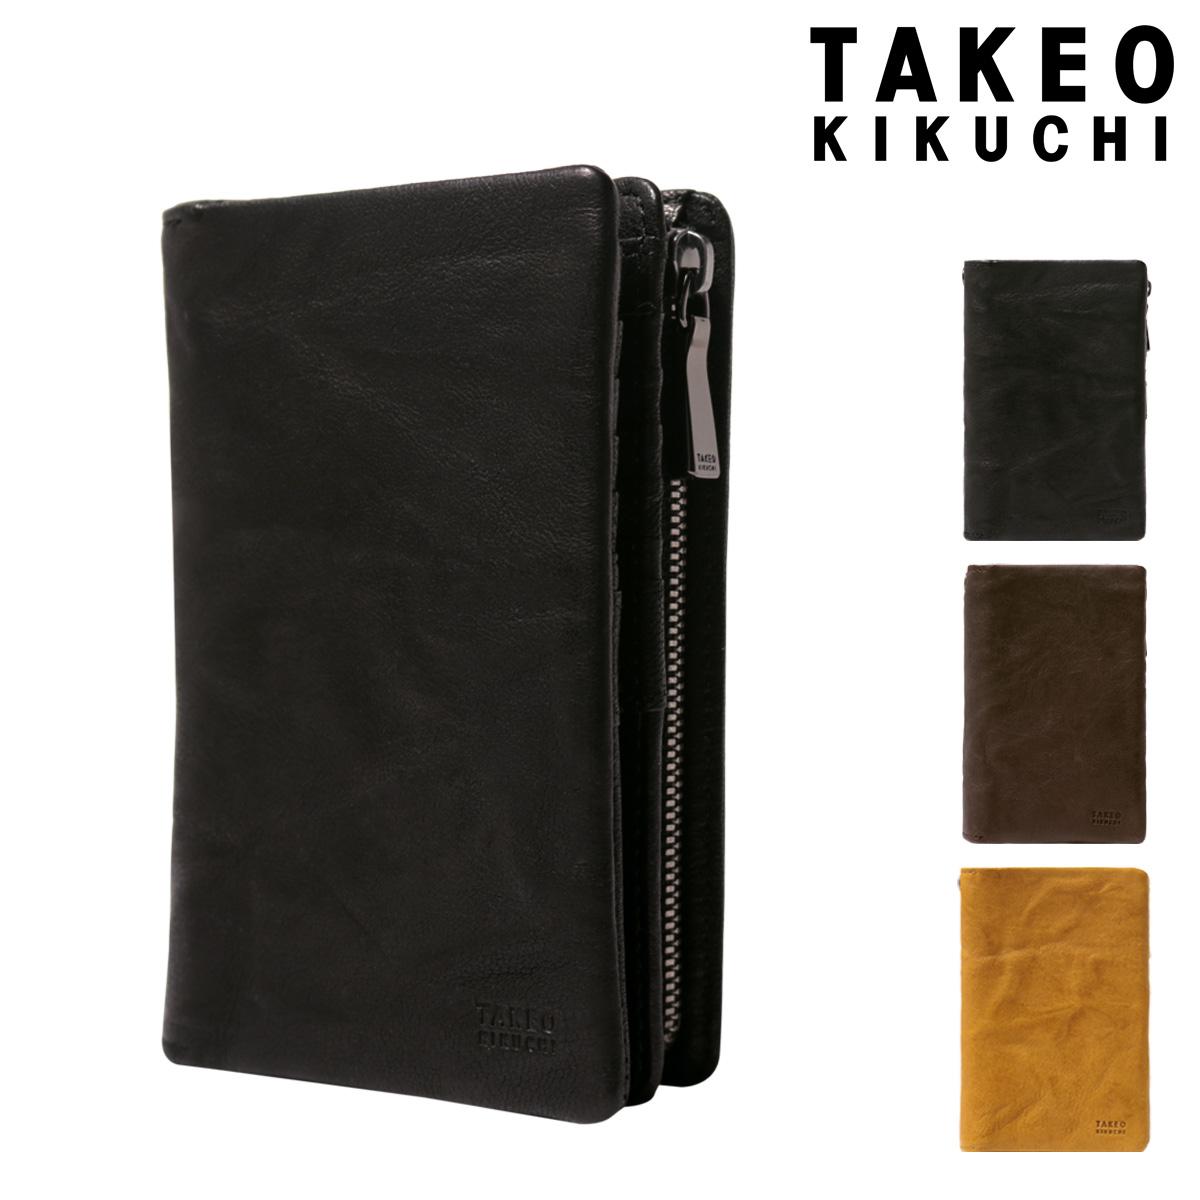 タケオキクチ 二つ折り財布 オイスター メンズ 720625 TAKEO KIKUCHI   本革 羊革 レザー[PO5][bef]